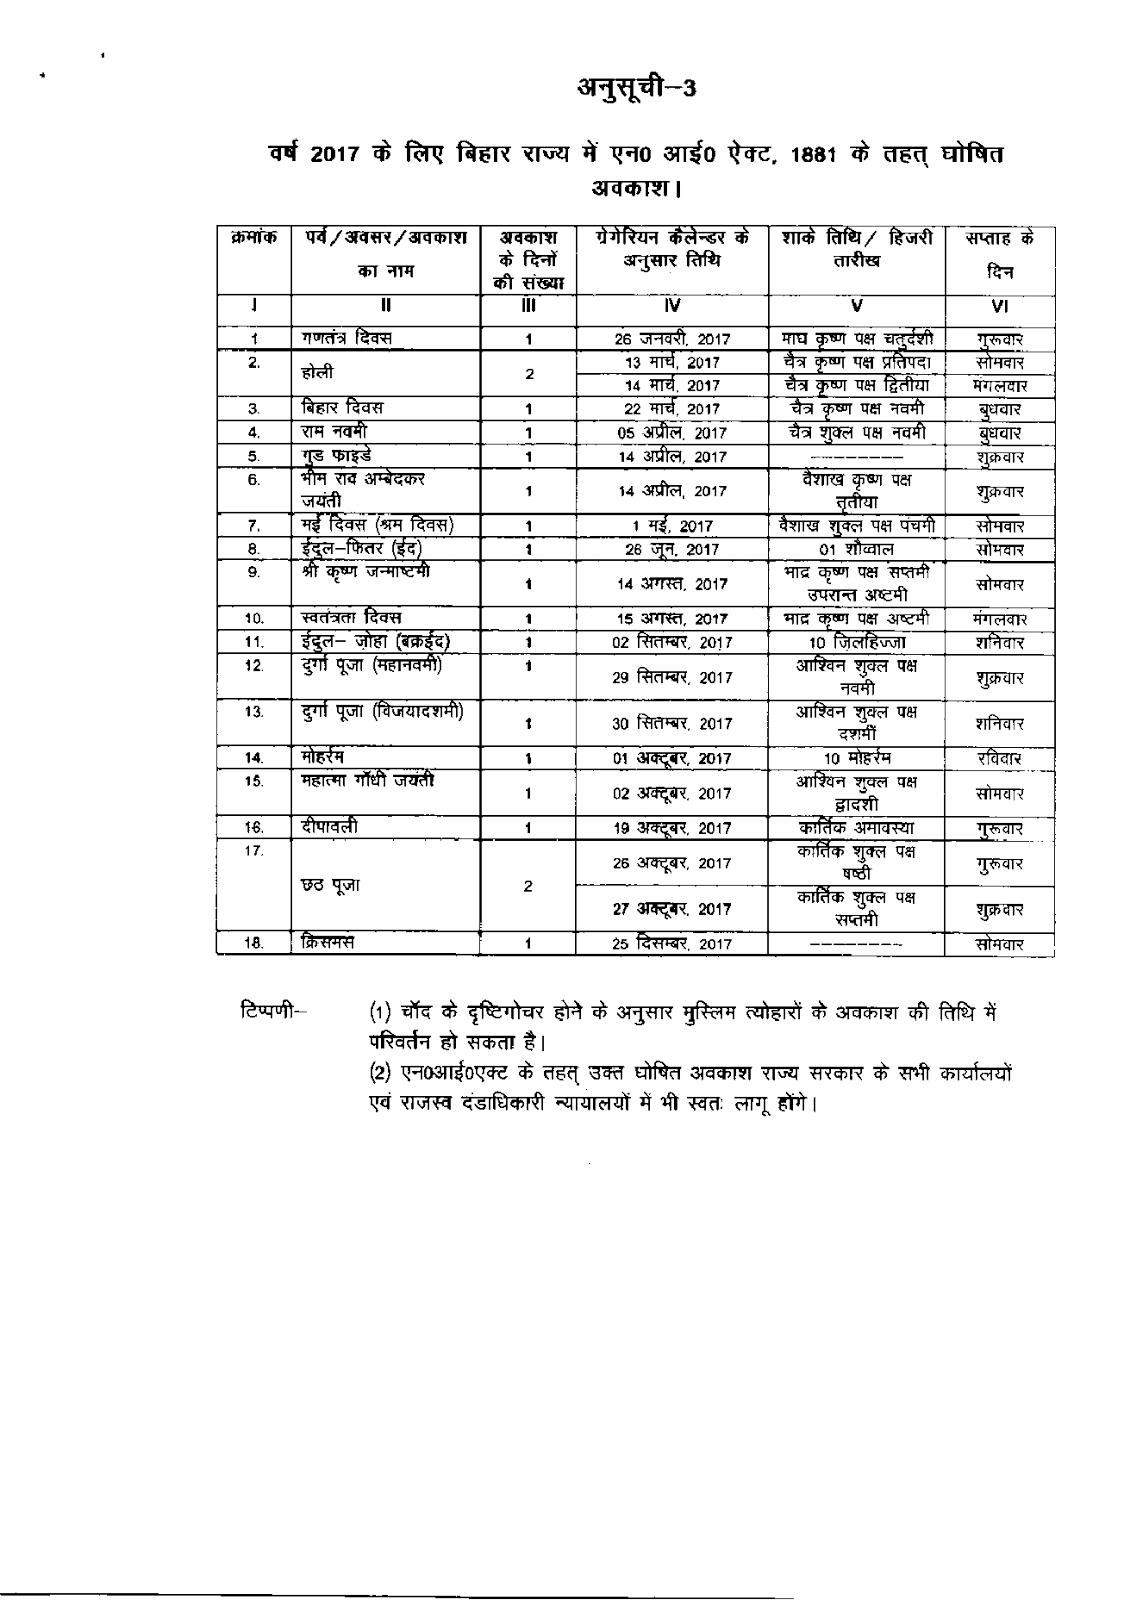 Bihar Government Calendar 2017 | Educratsweb regarding Calendar 2018 Bihar Sarkar